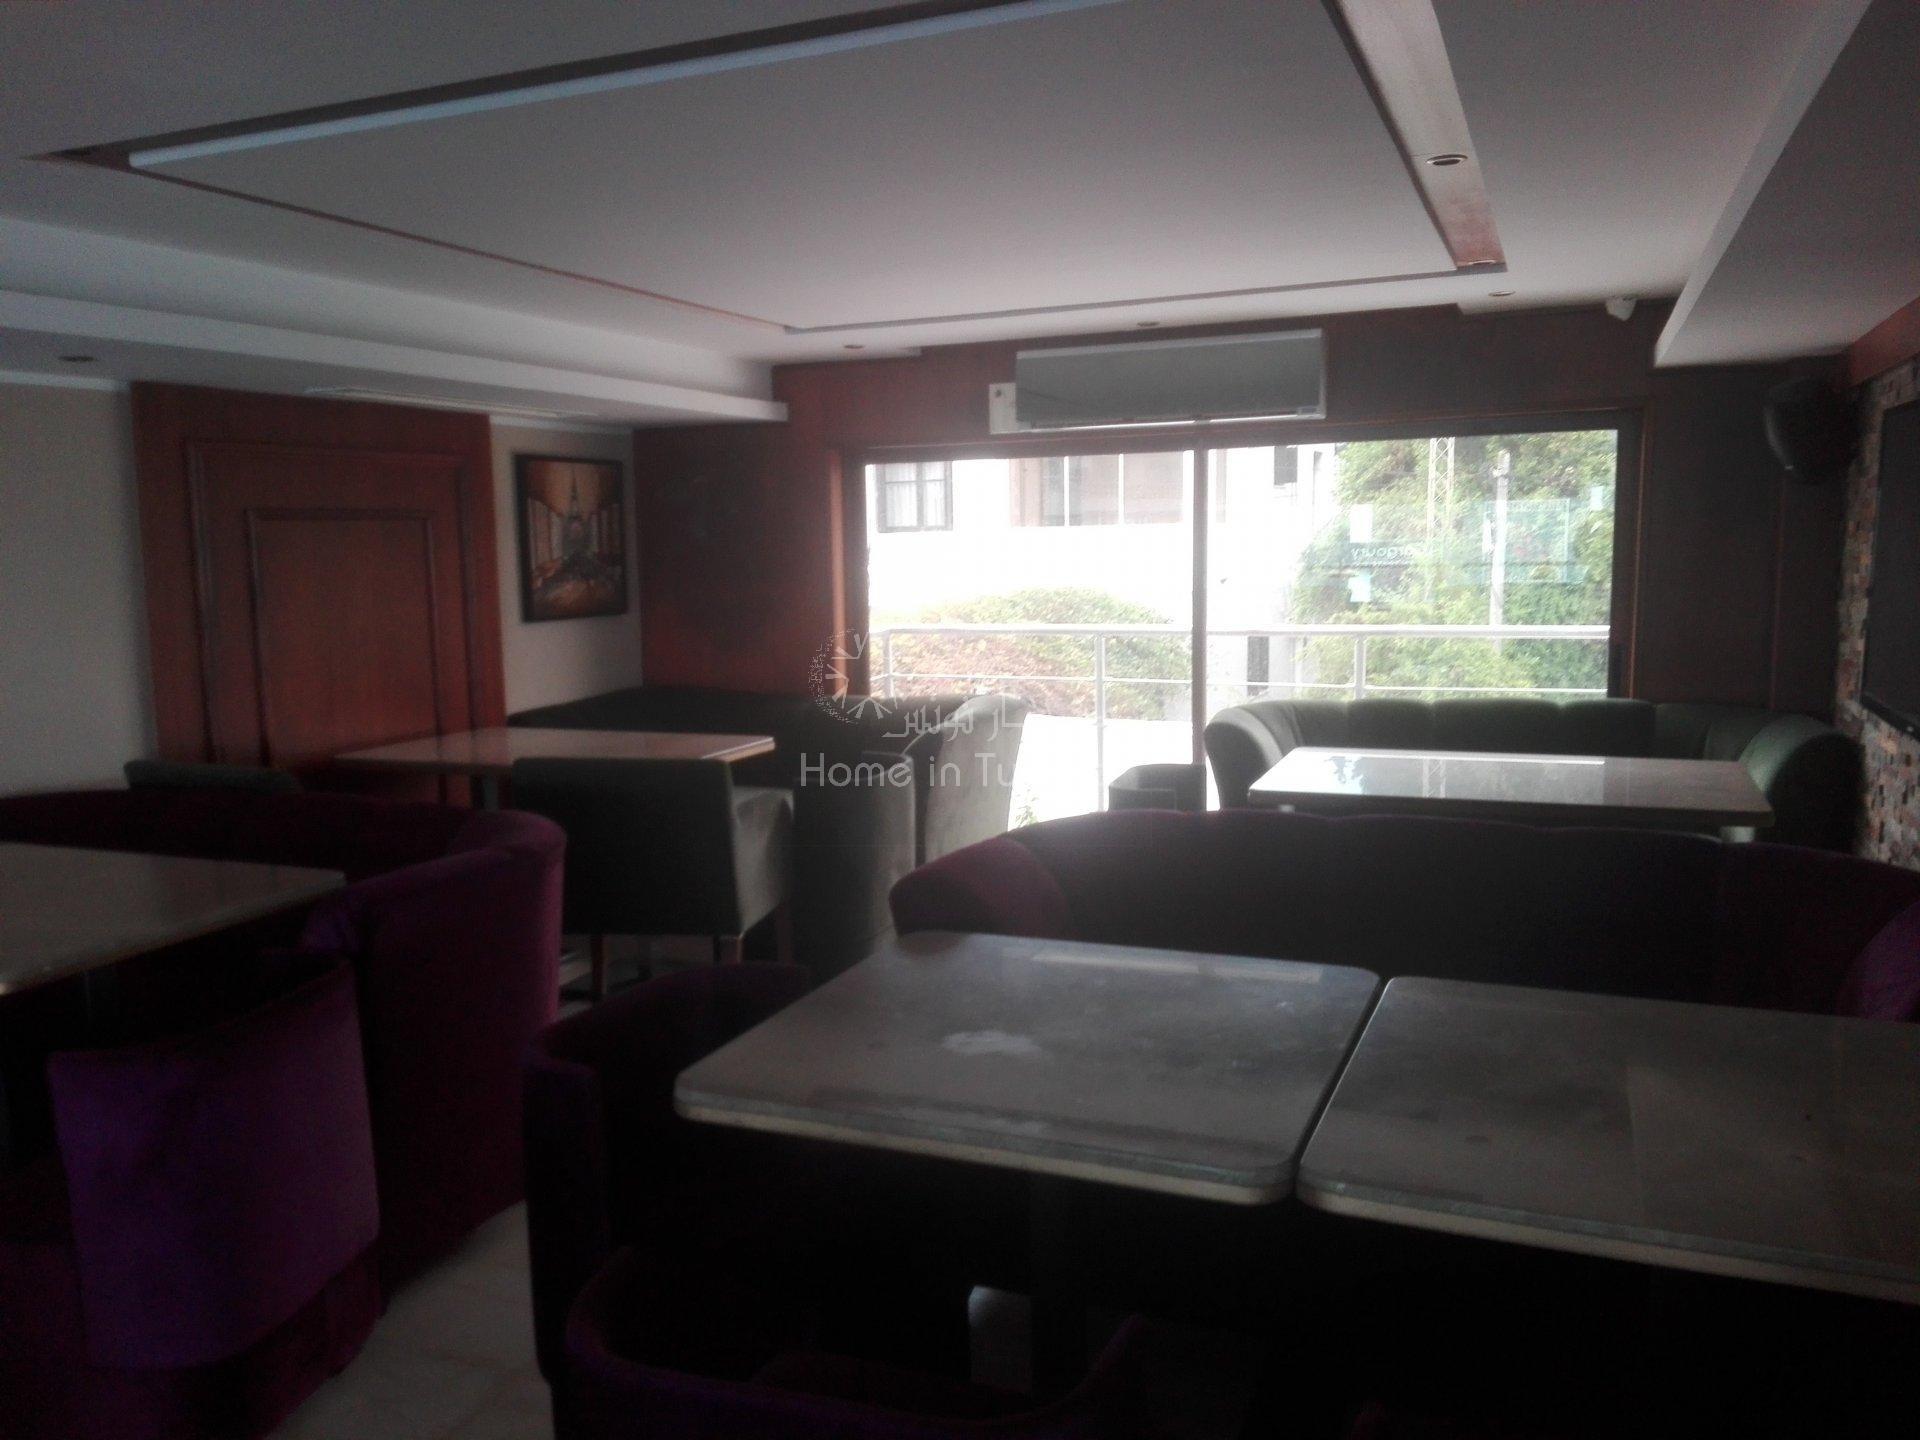 Vente restaurant/salon de thé  dans une zone touristique